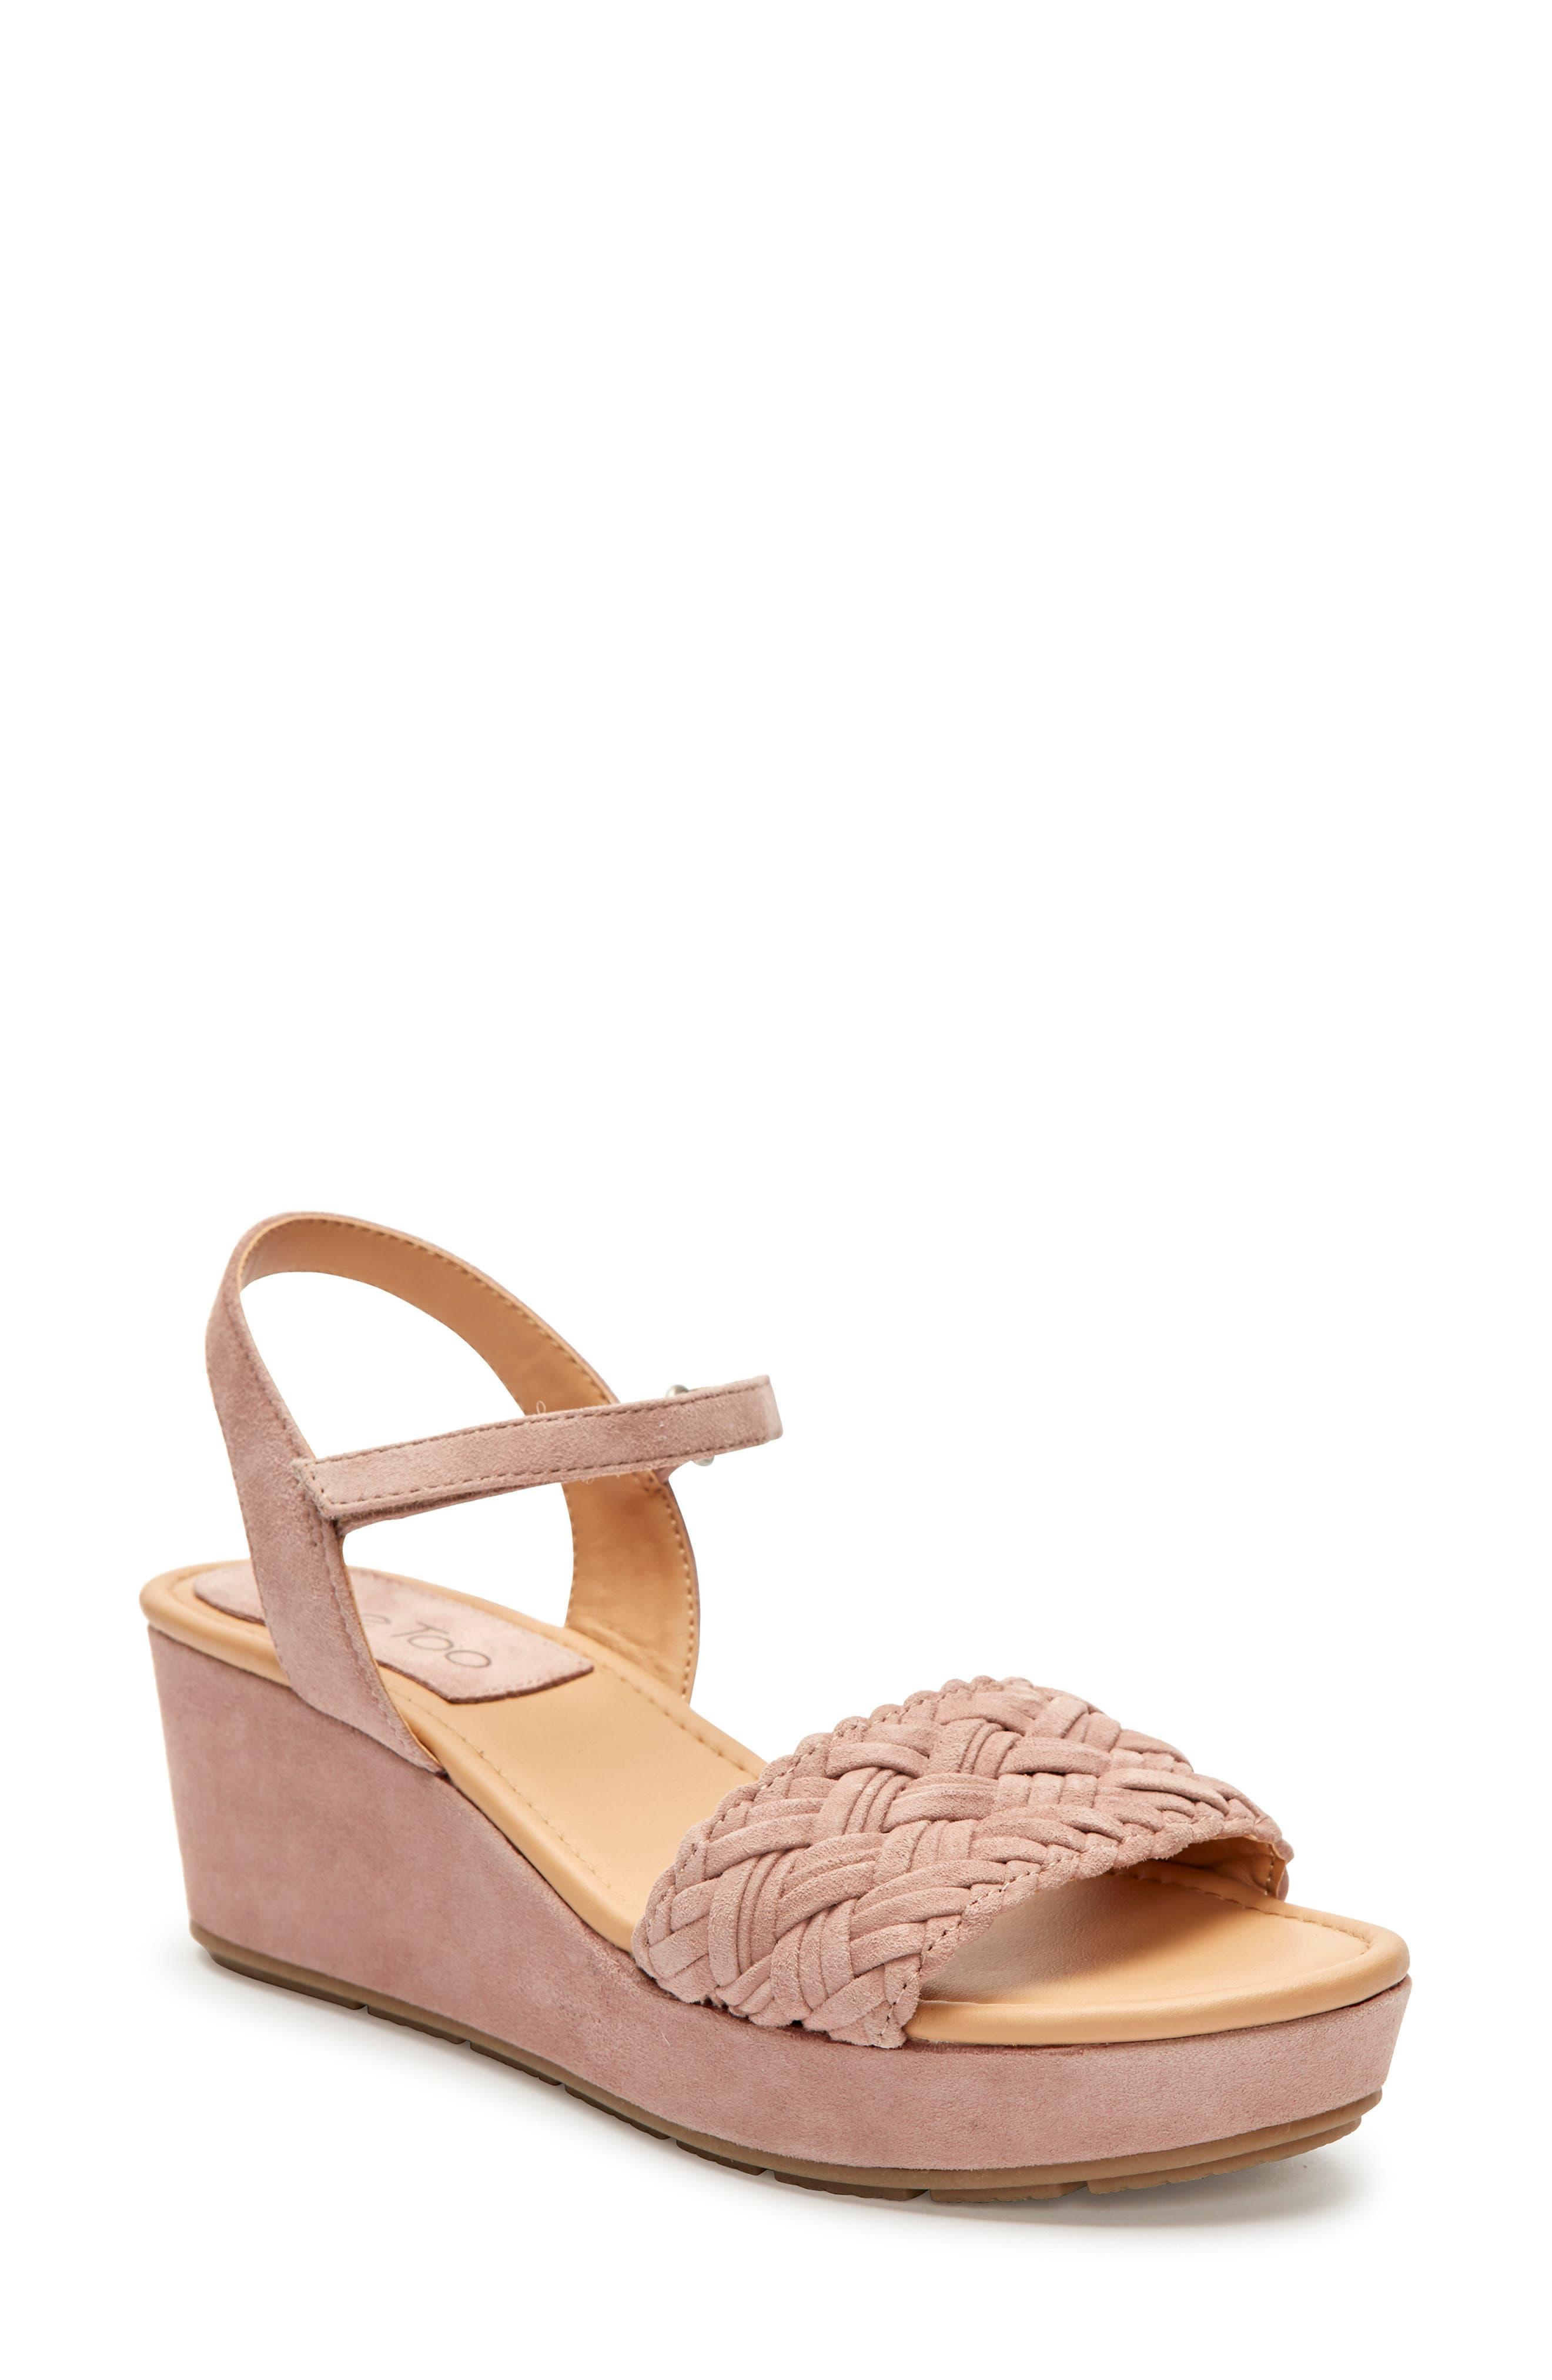 Me Too Abella Wedge Sandal- Pink